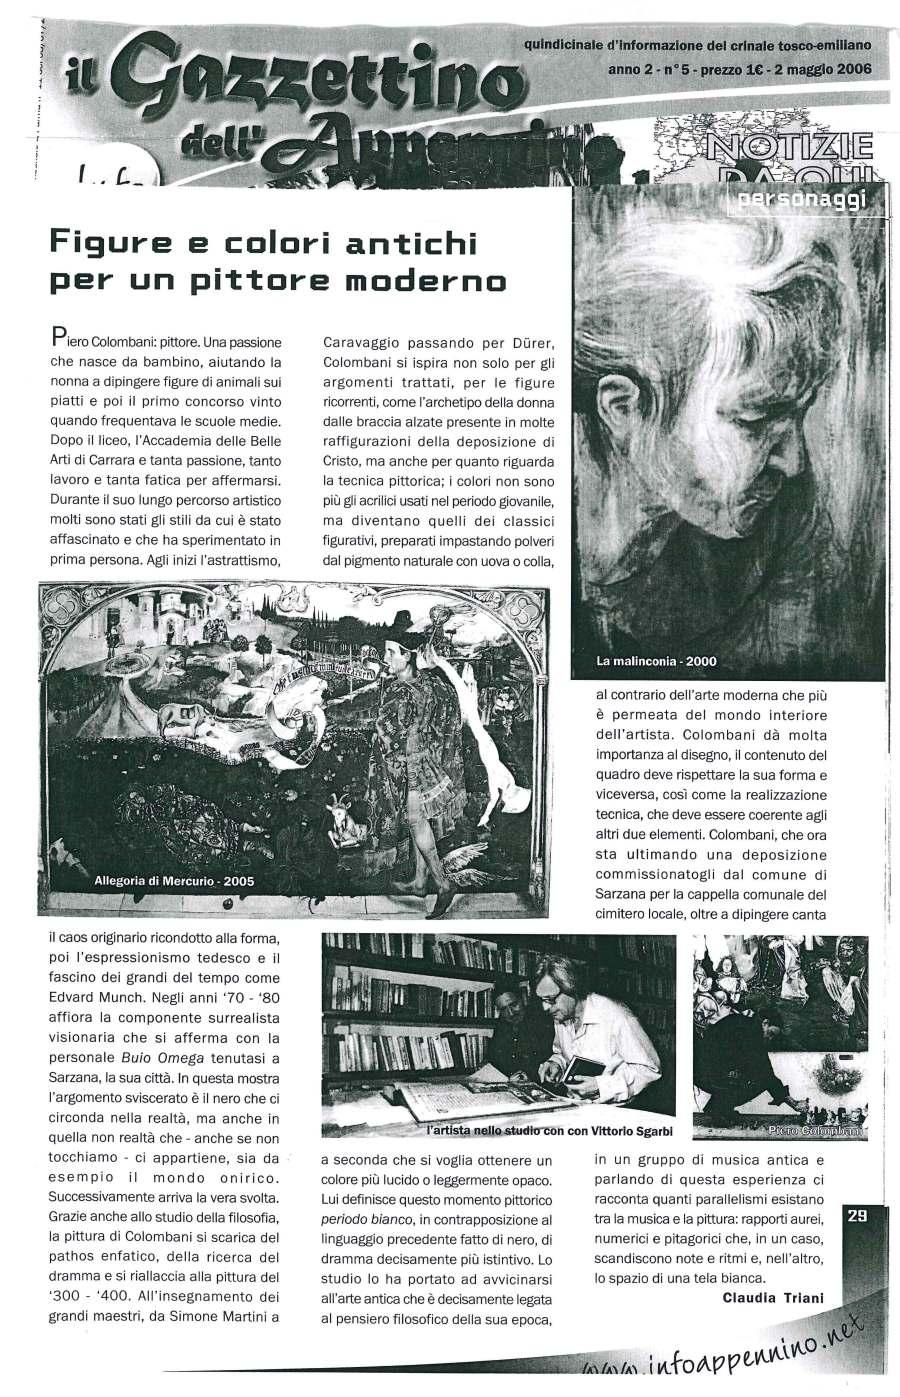 Figure e colori antichi per un pittore moderno Articolo del 2 maggio 2006